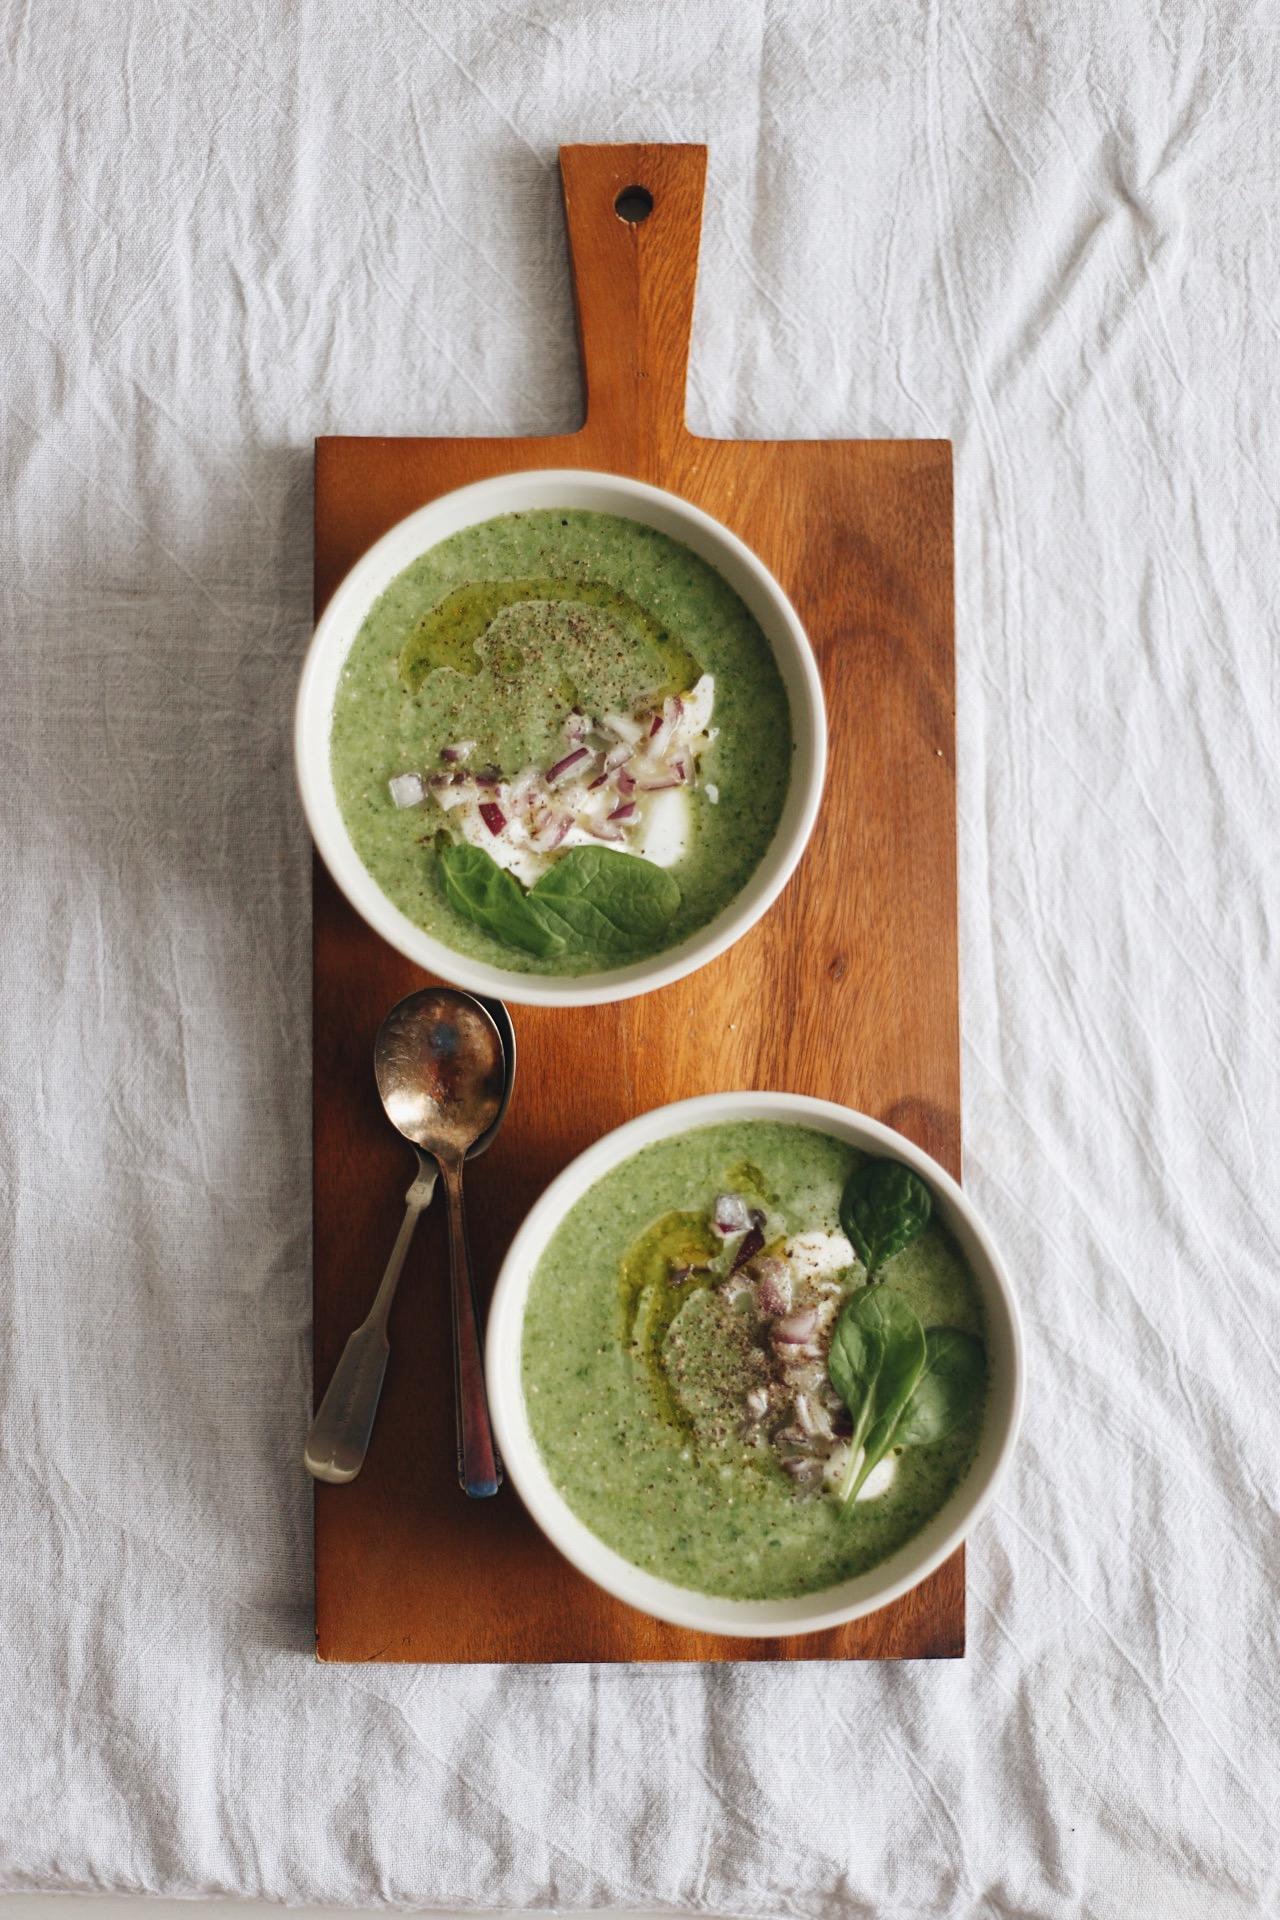 broccolispinach_miso_soup_2.JPG